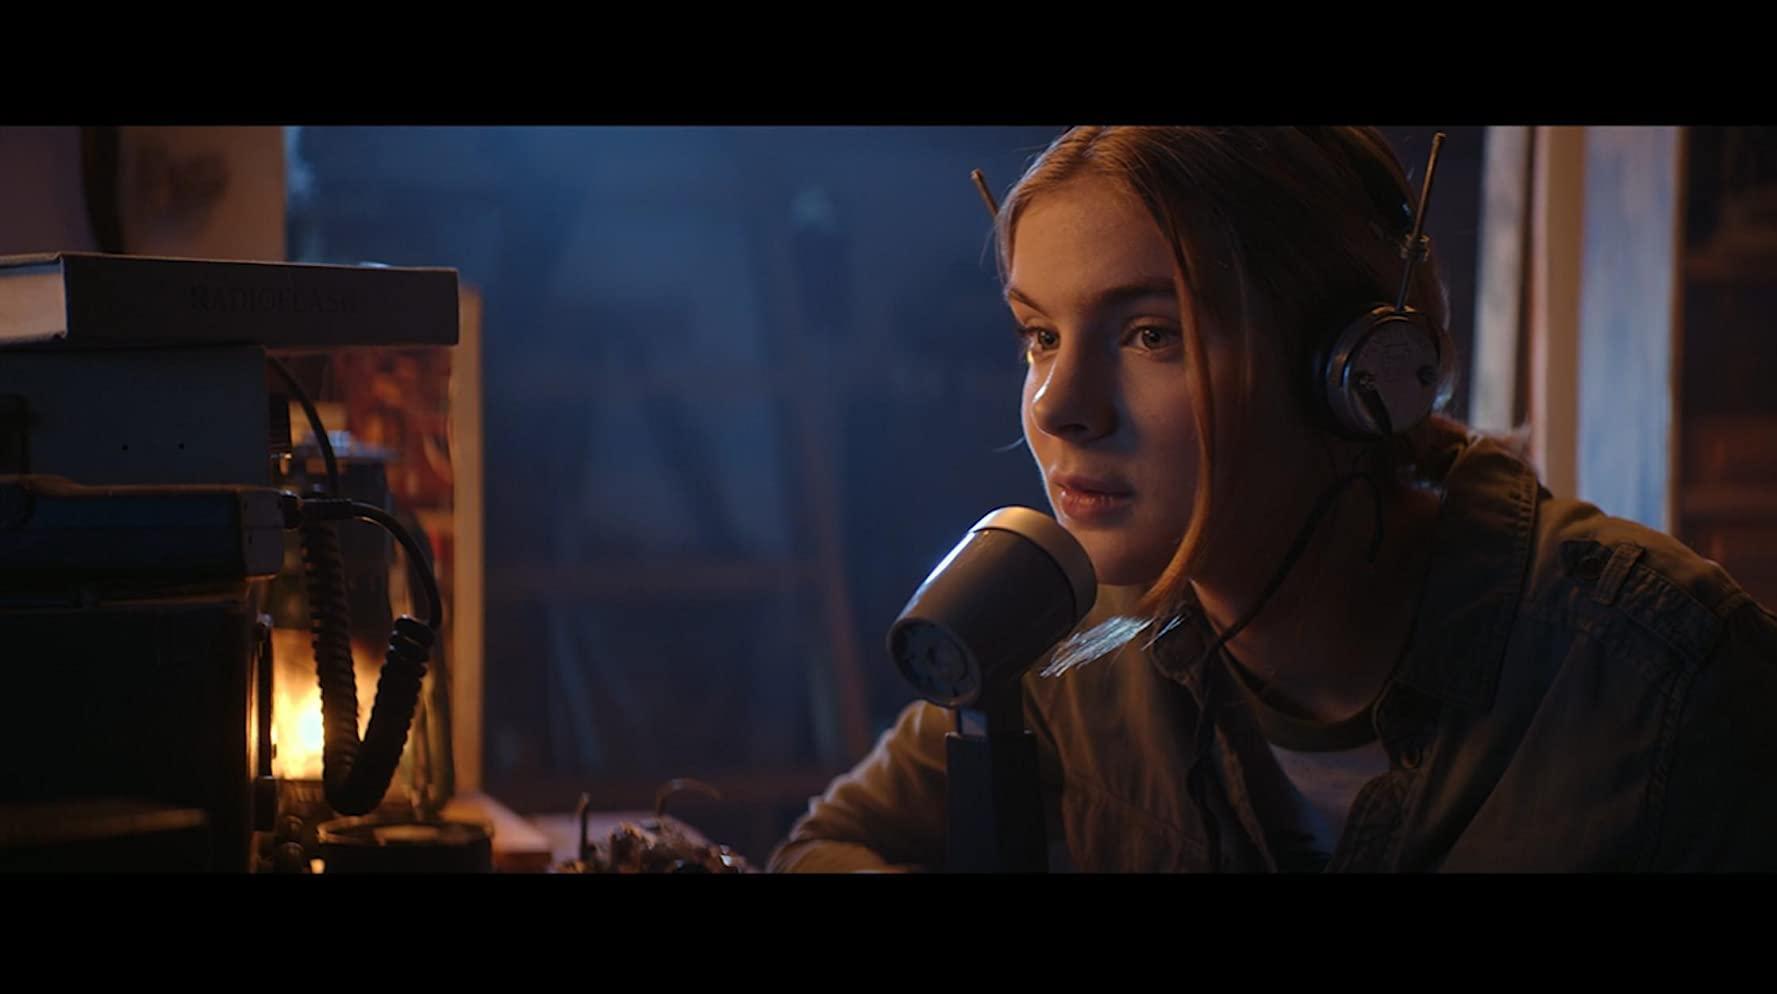 مشاهدة فيلم Radioflash (2019) مترجم HD اون لاين